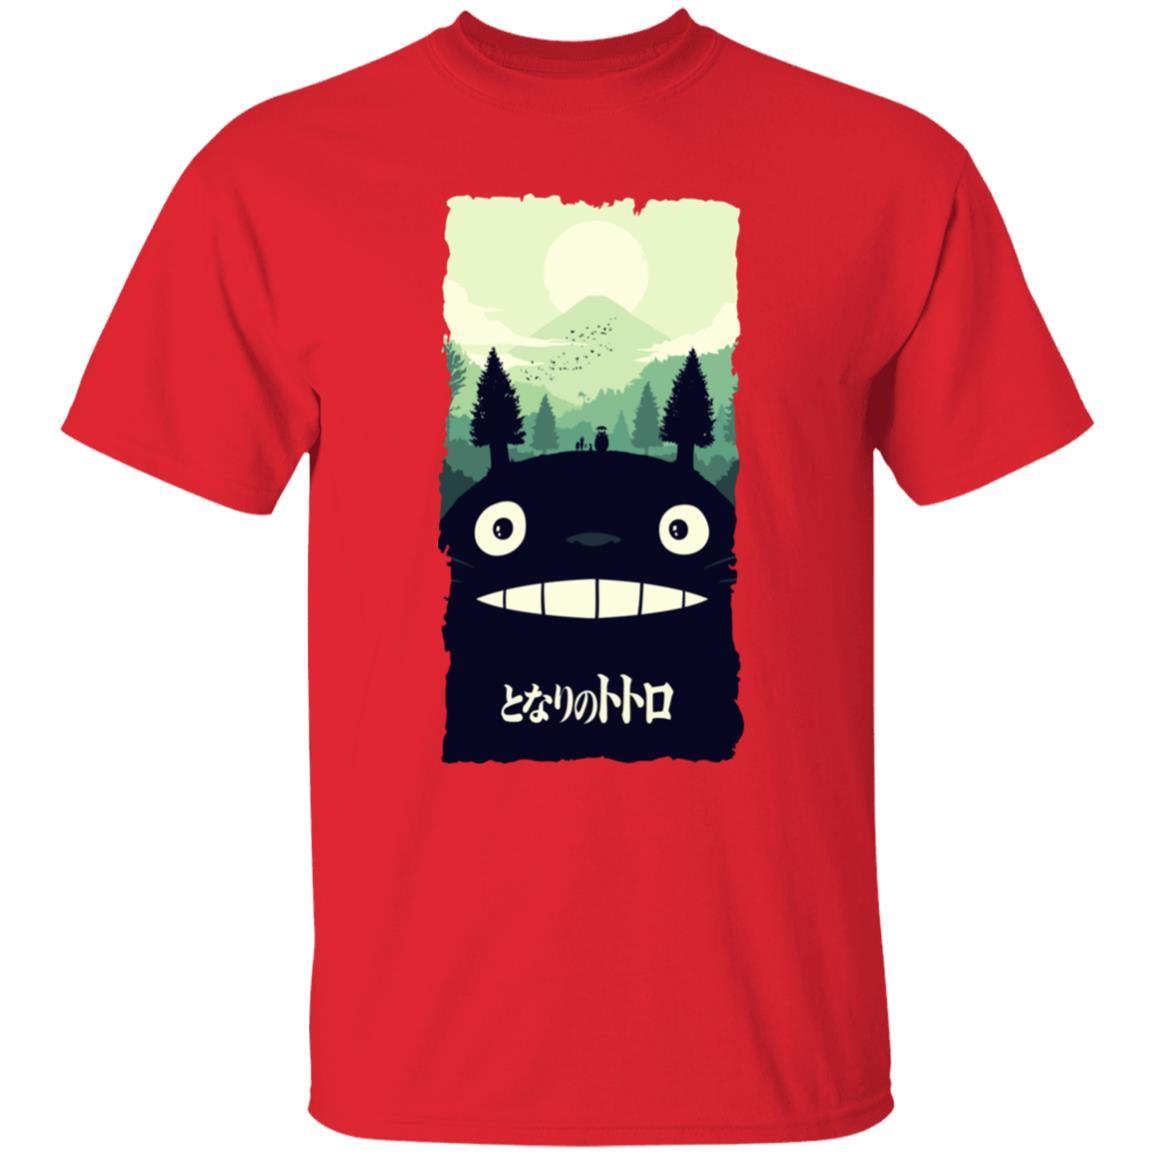 My Neighbor Totoro – Totoro Hill T Shirt